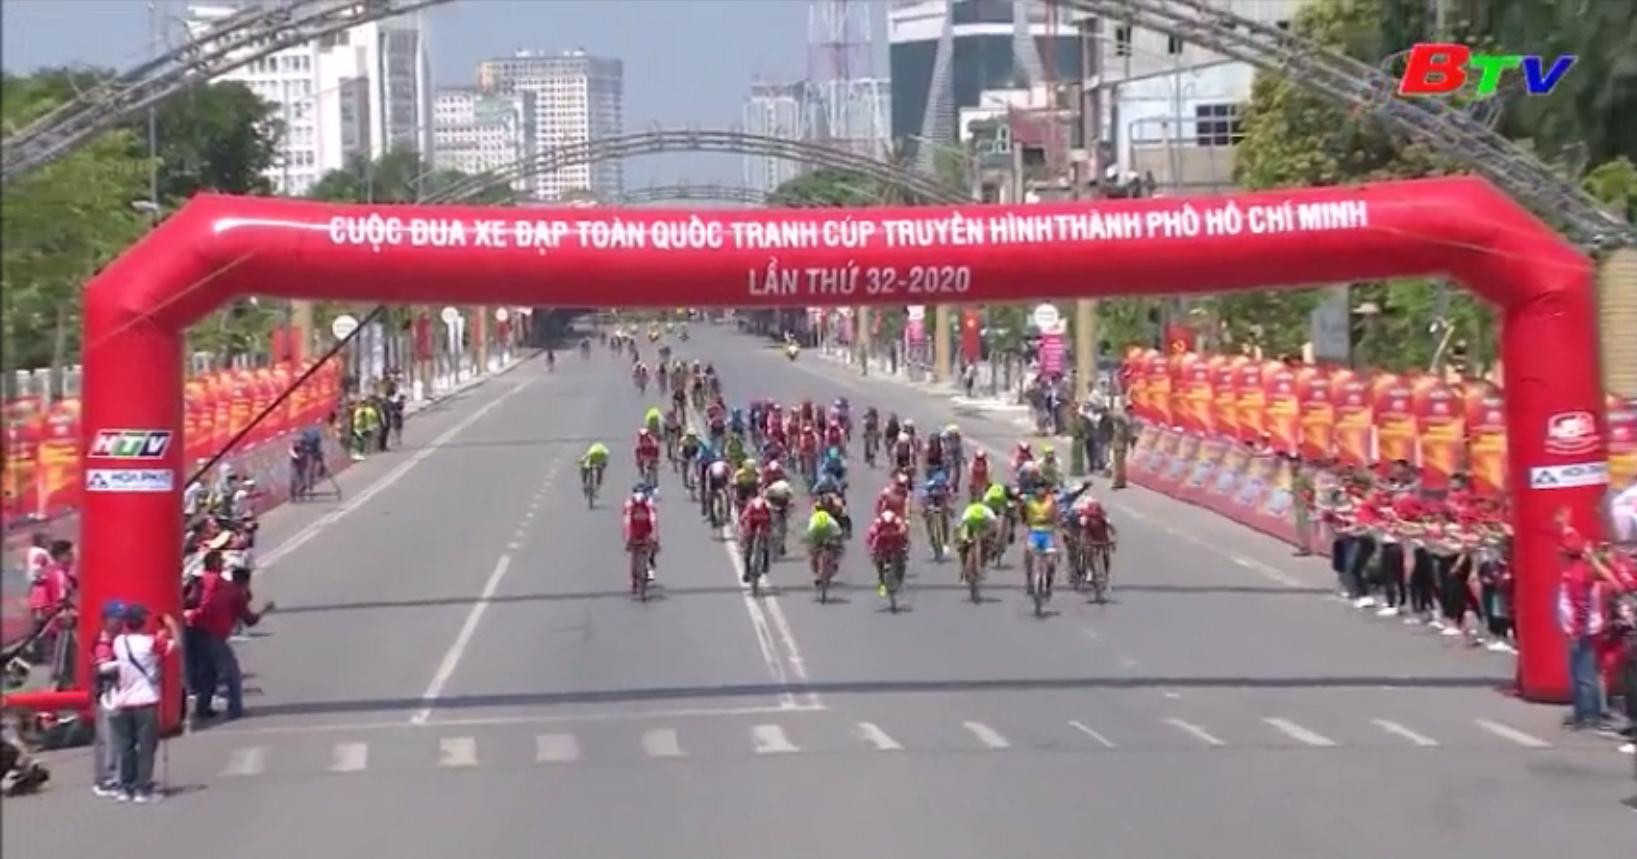 Khởi tranh Cuộc đua xe đạp tranh cúp Truyền hình TP.HCM lần thứ 32 năm 2020